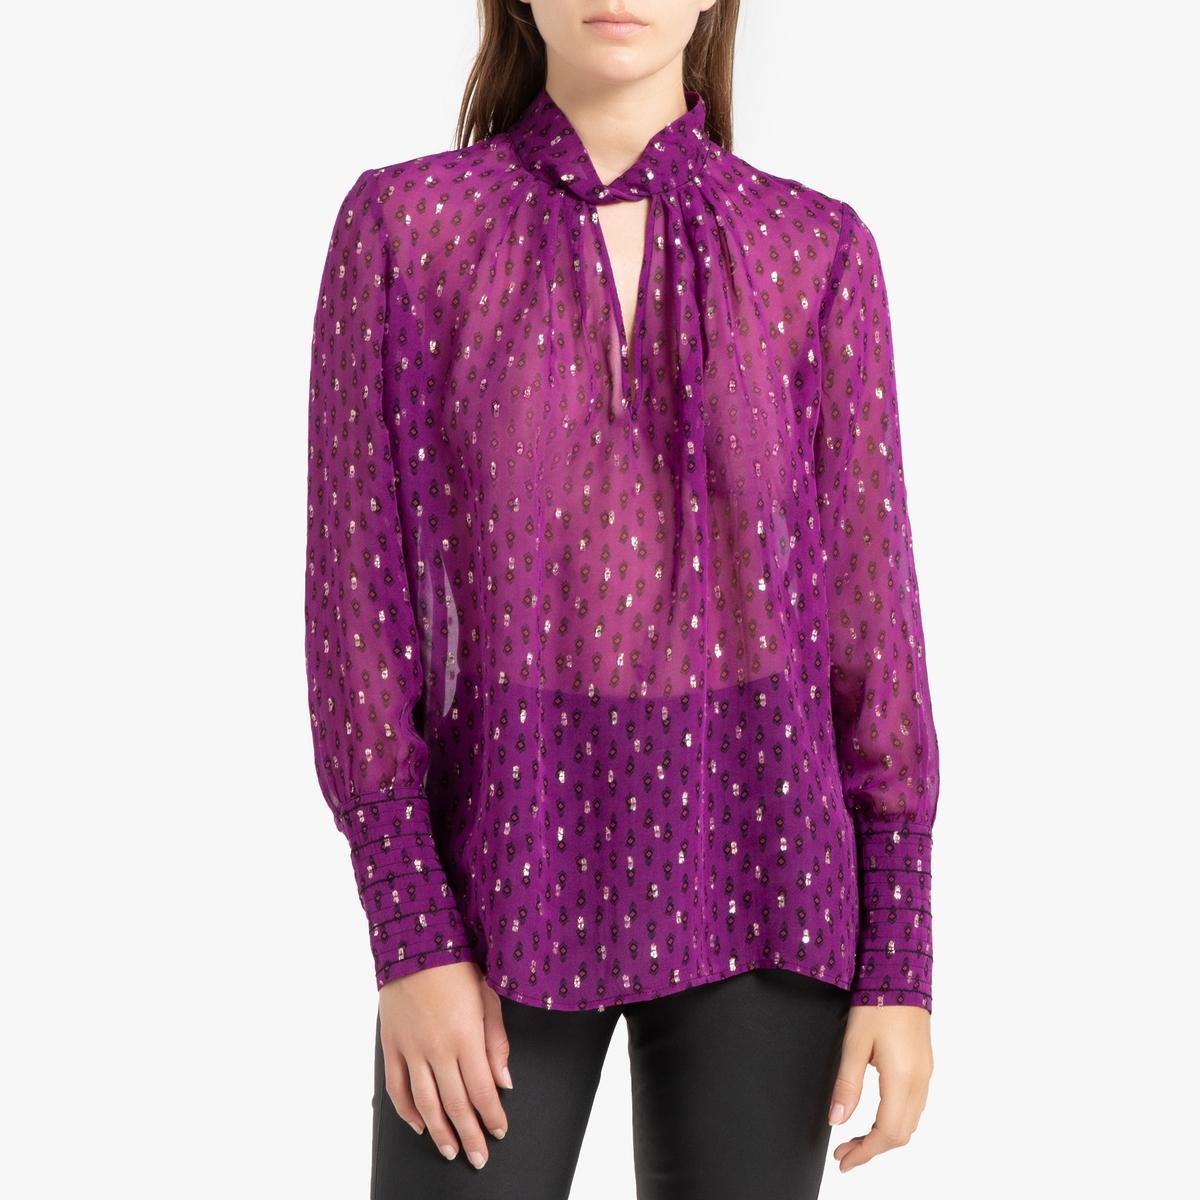 цена Блузка La Redoute Блестящая с V-образным вырезом и длинными рукавами CABRI 0(XS) фиолетовый онлайн в 2017 году